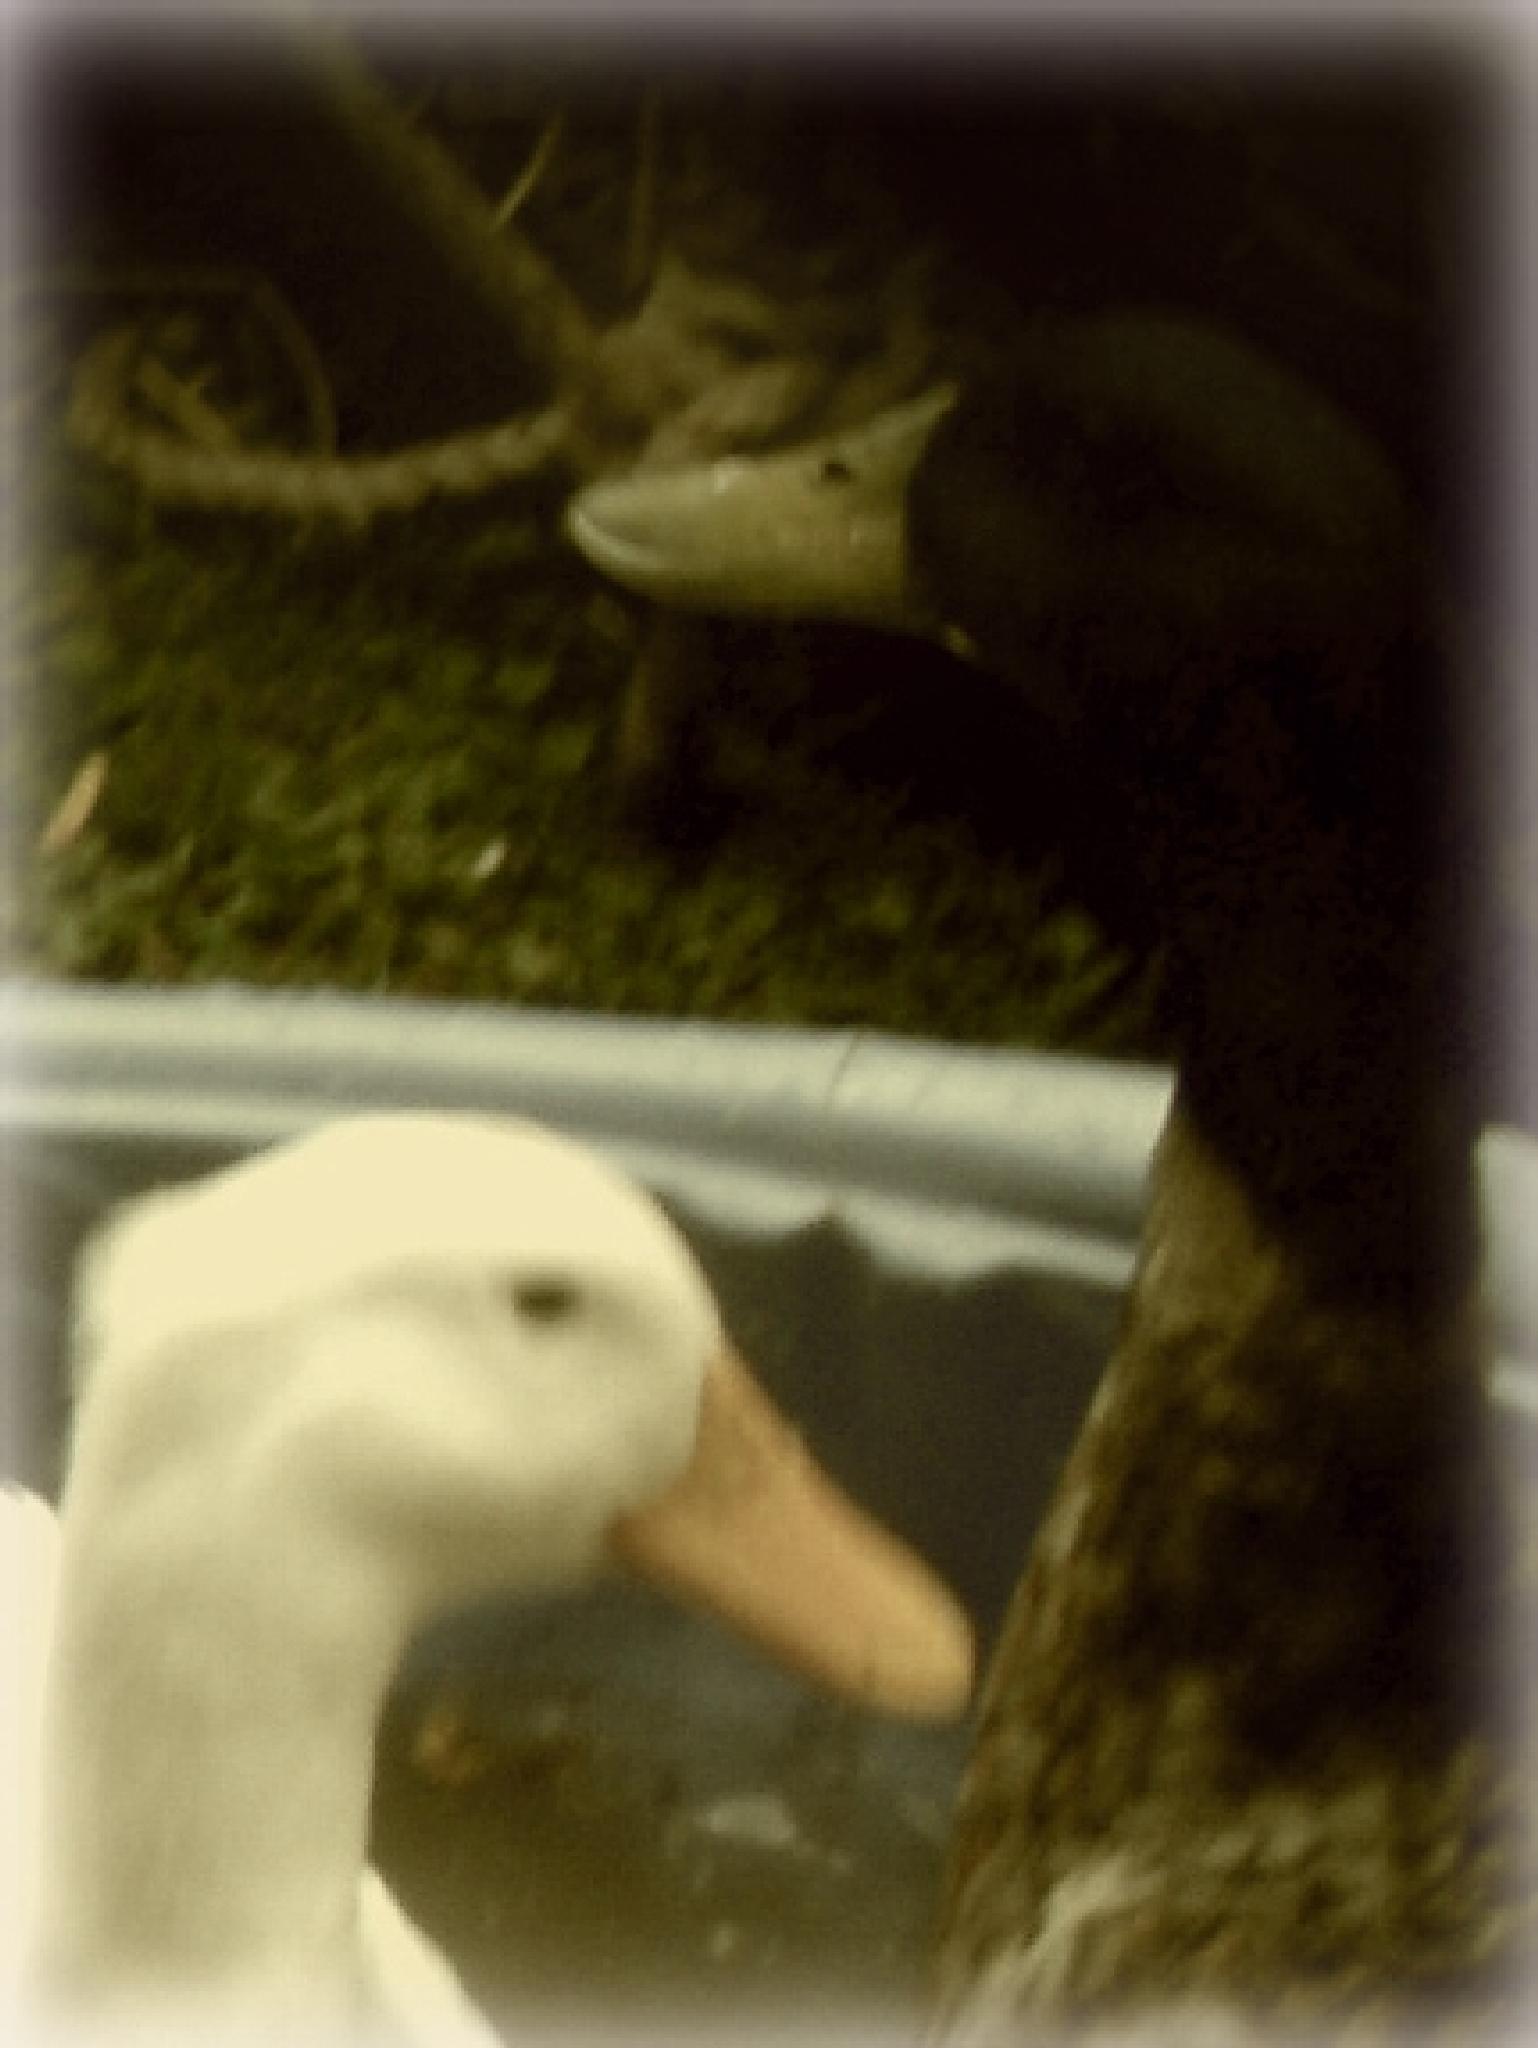 duckie 2 by nancy sutton hoyt